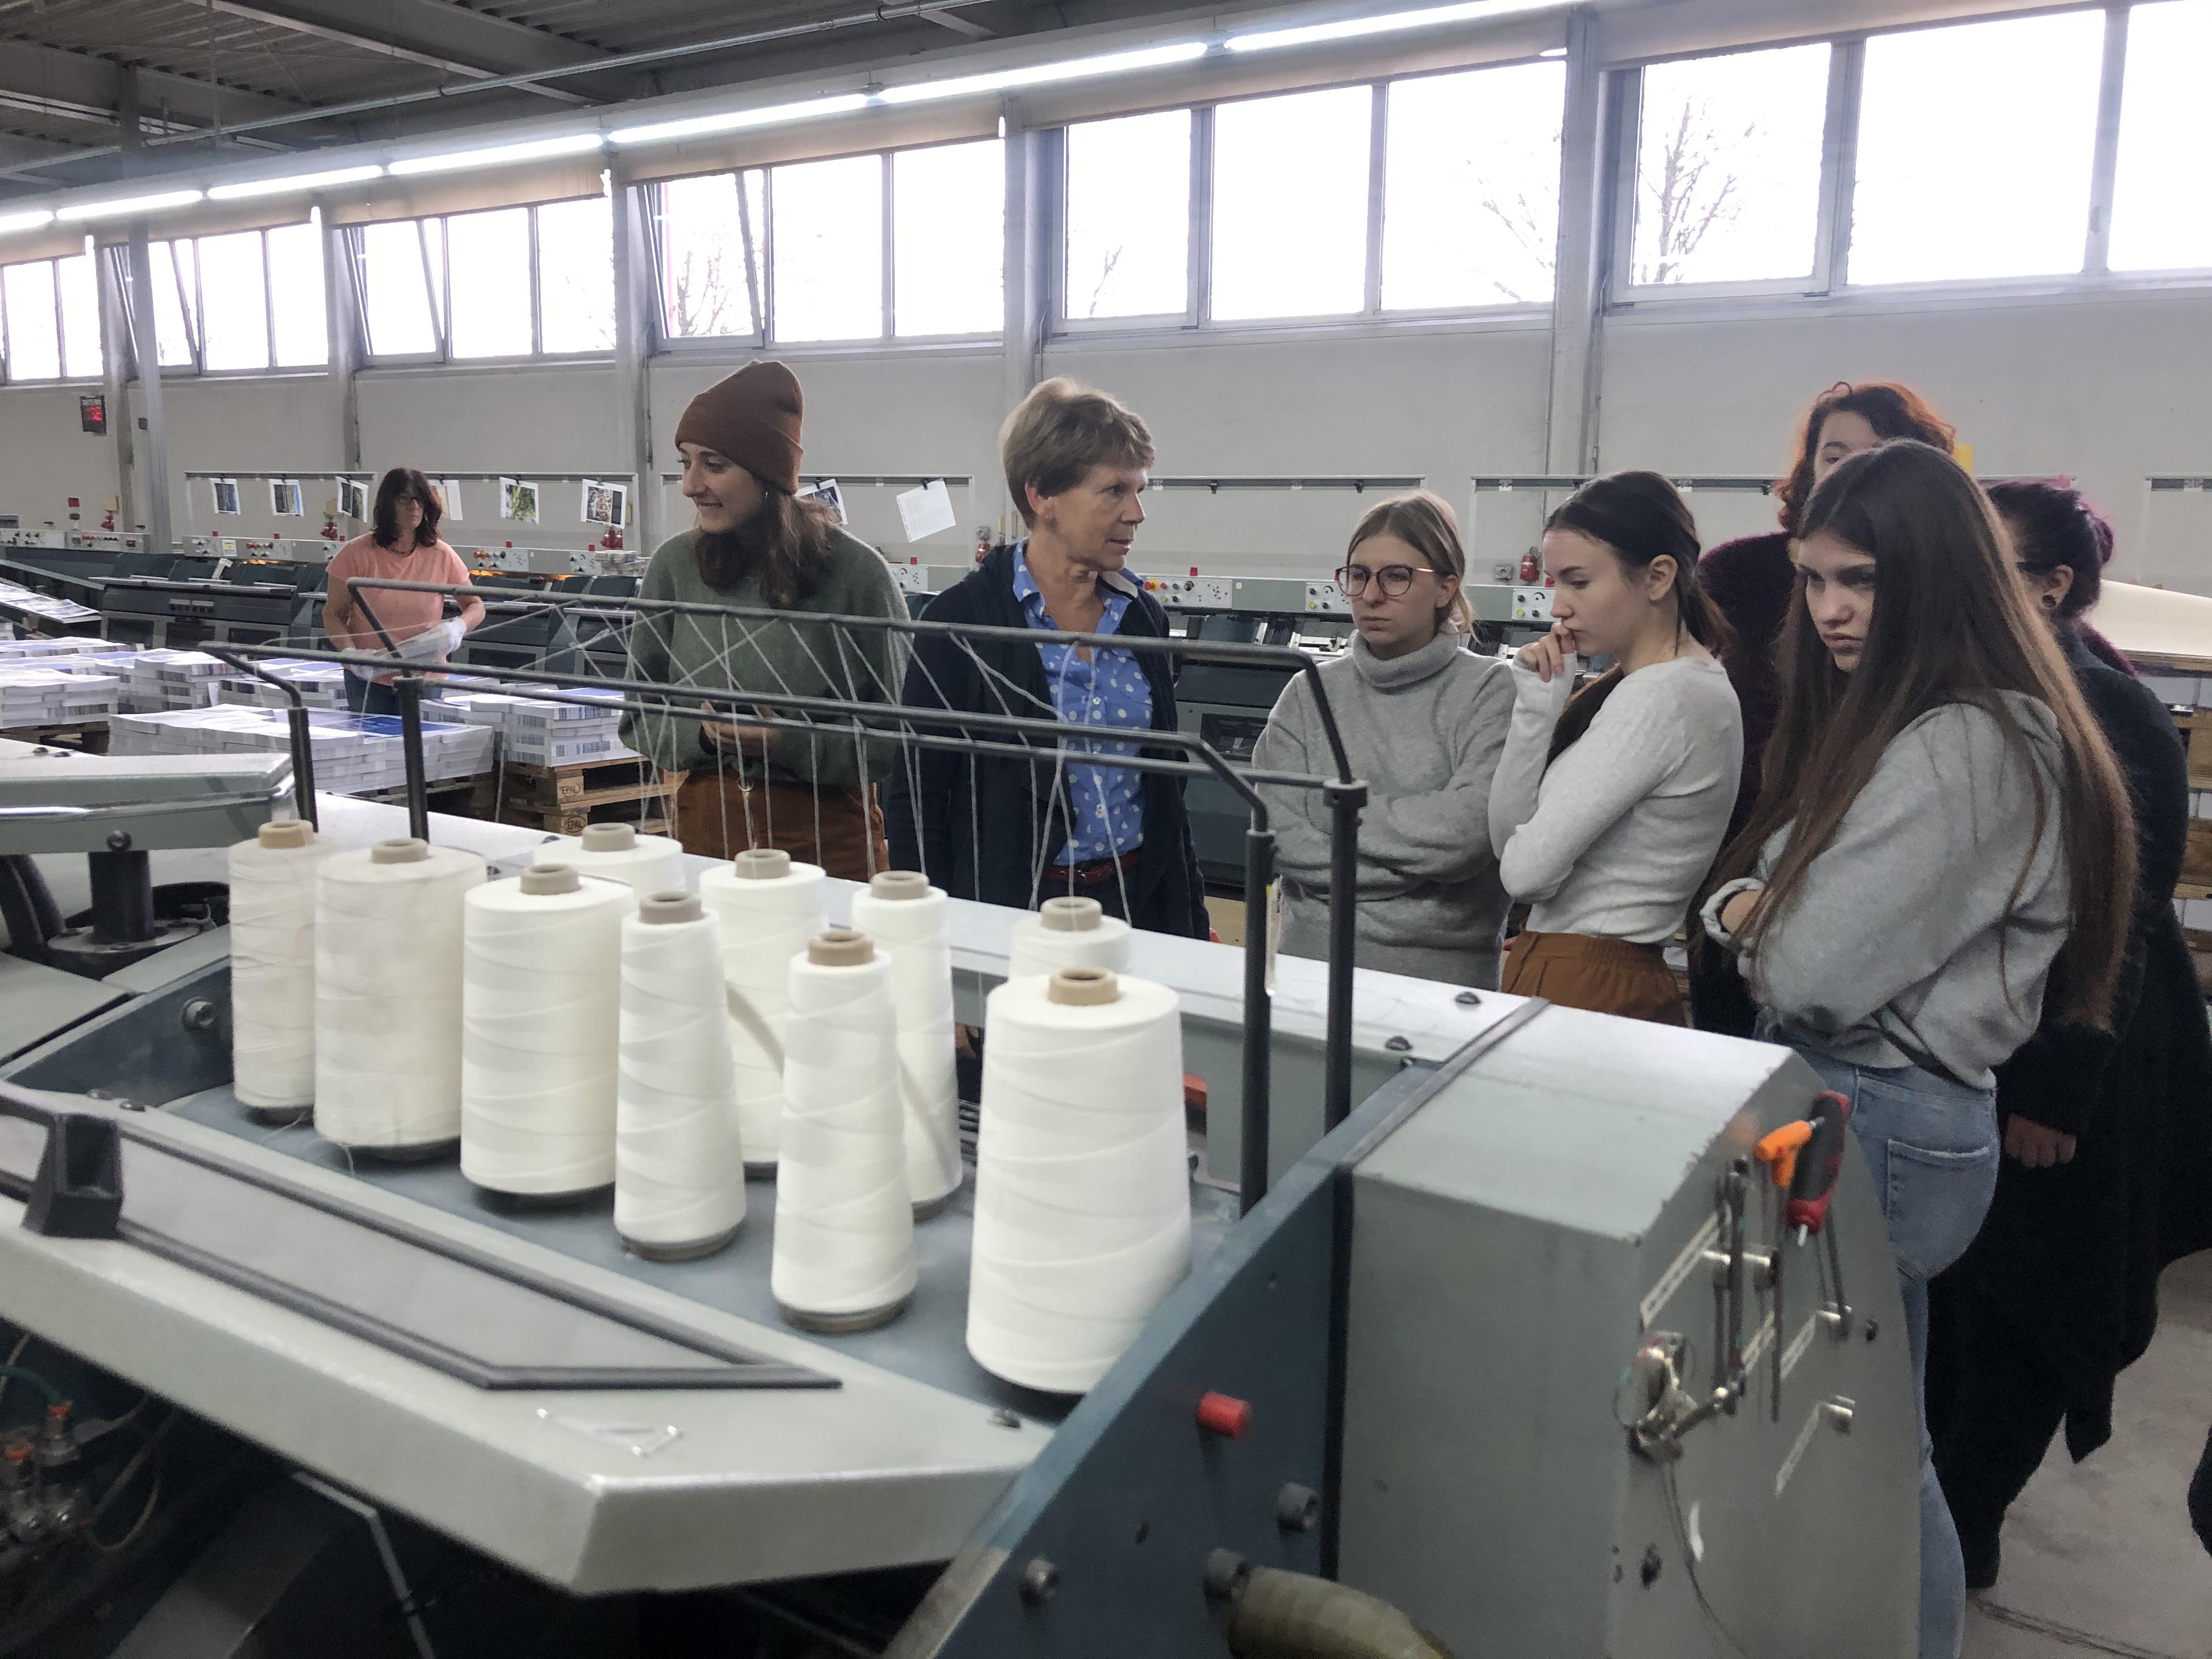 Frau Spinner erklärt Details während der Exkursion Buchbinderei Spinner 2019